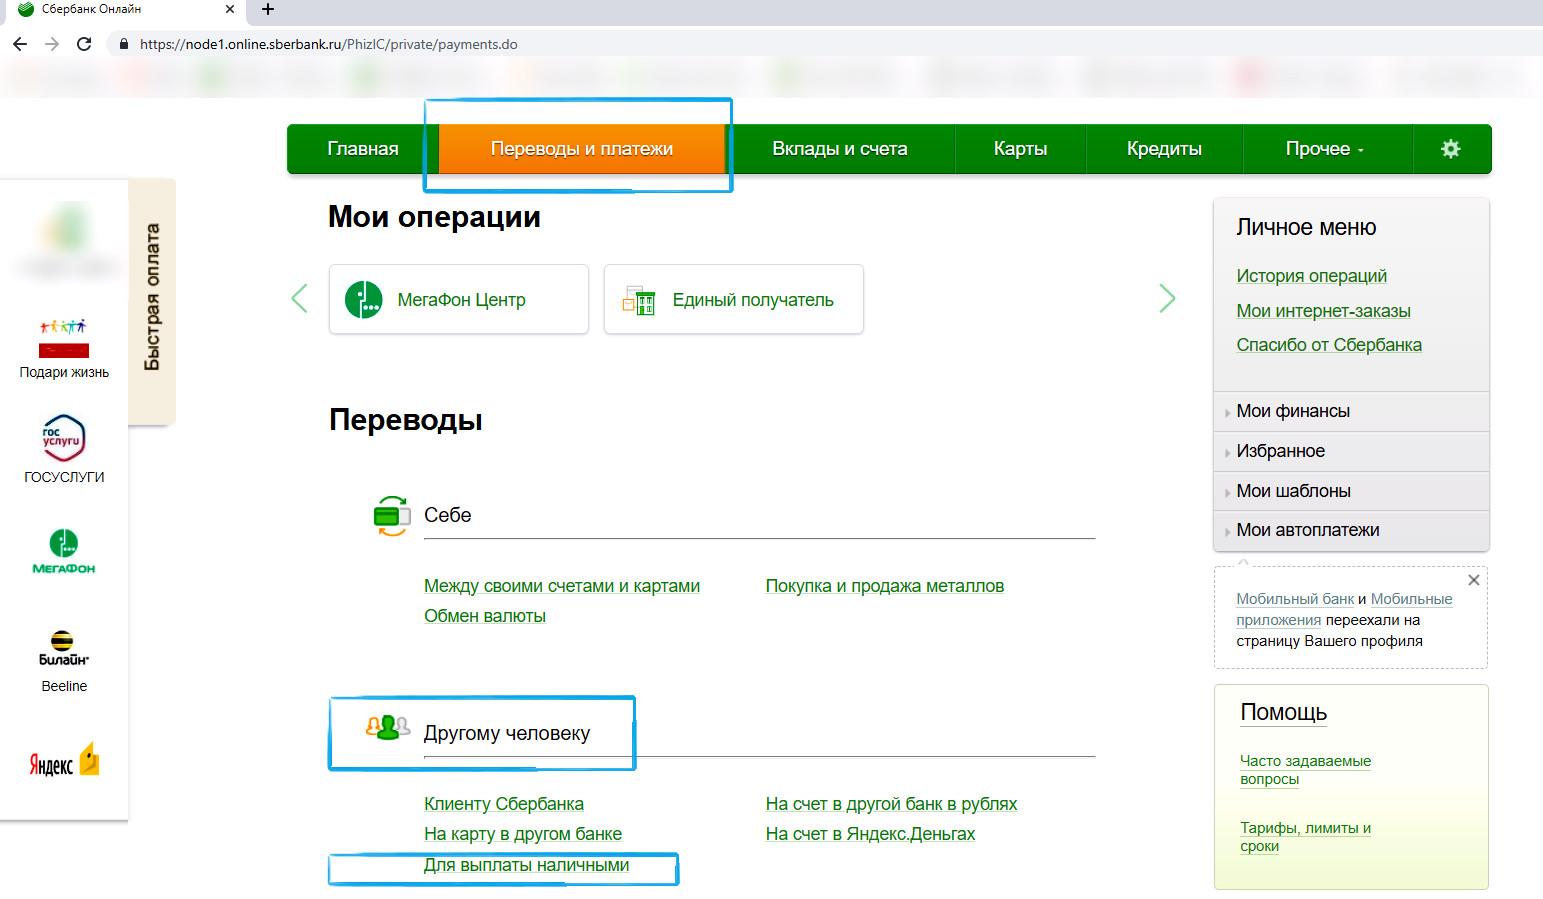 Граждане россии начнут получать с 1 июня три новые выплаты